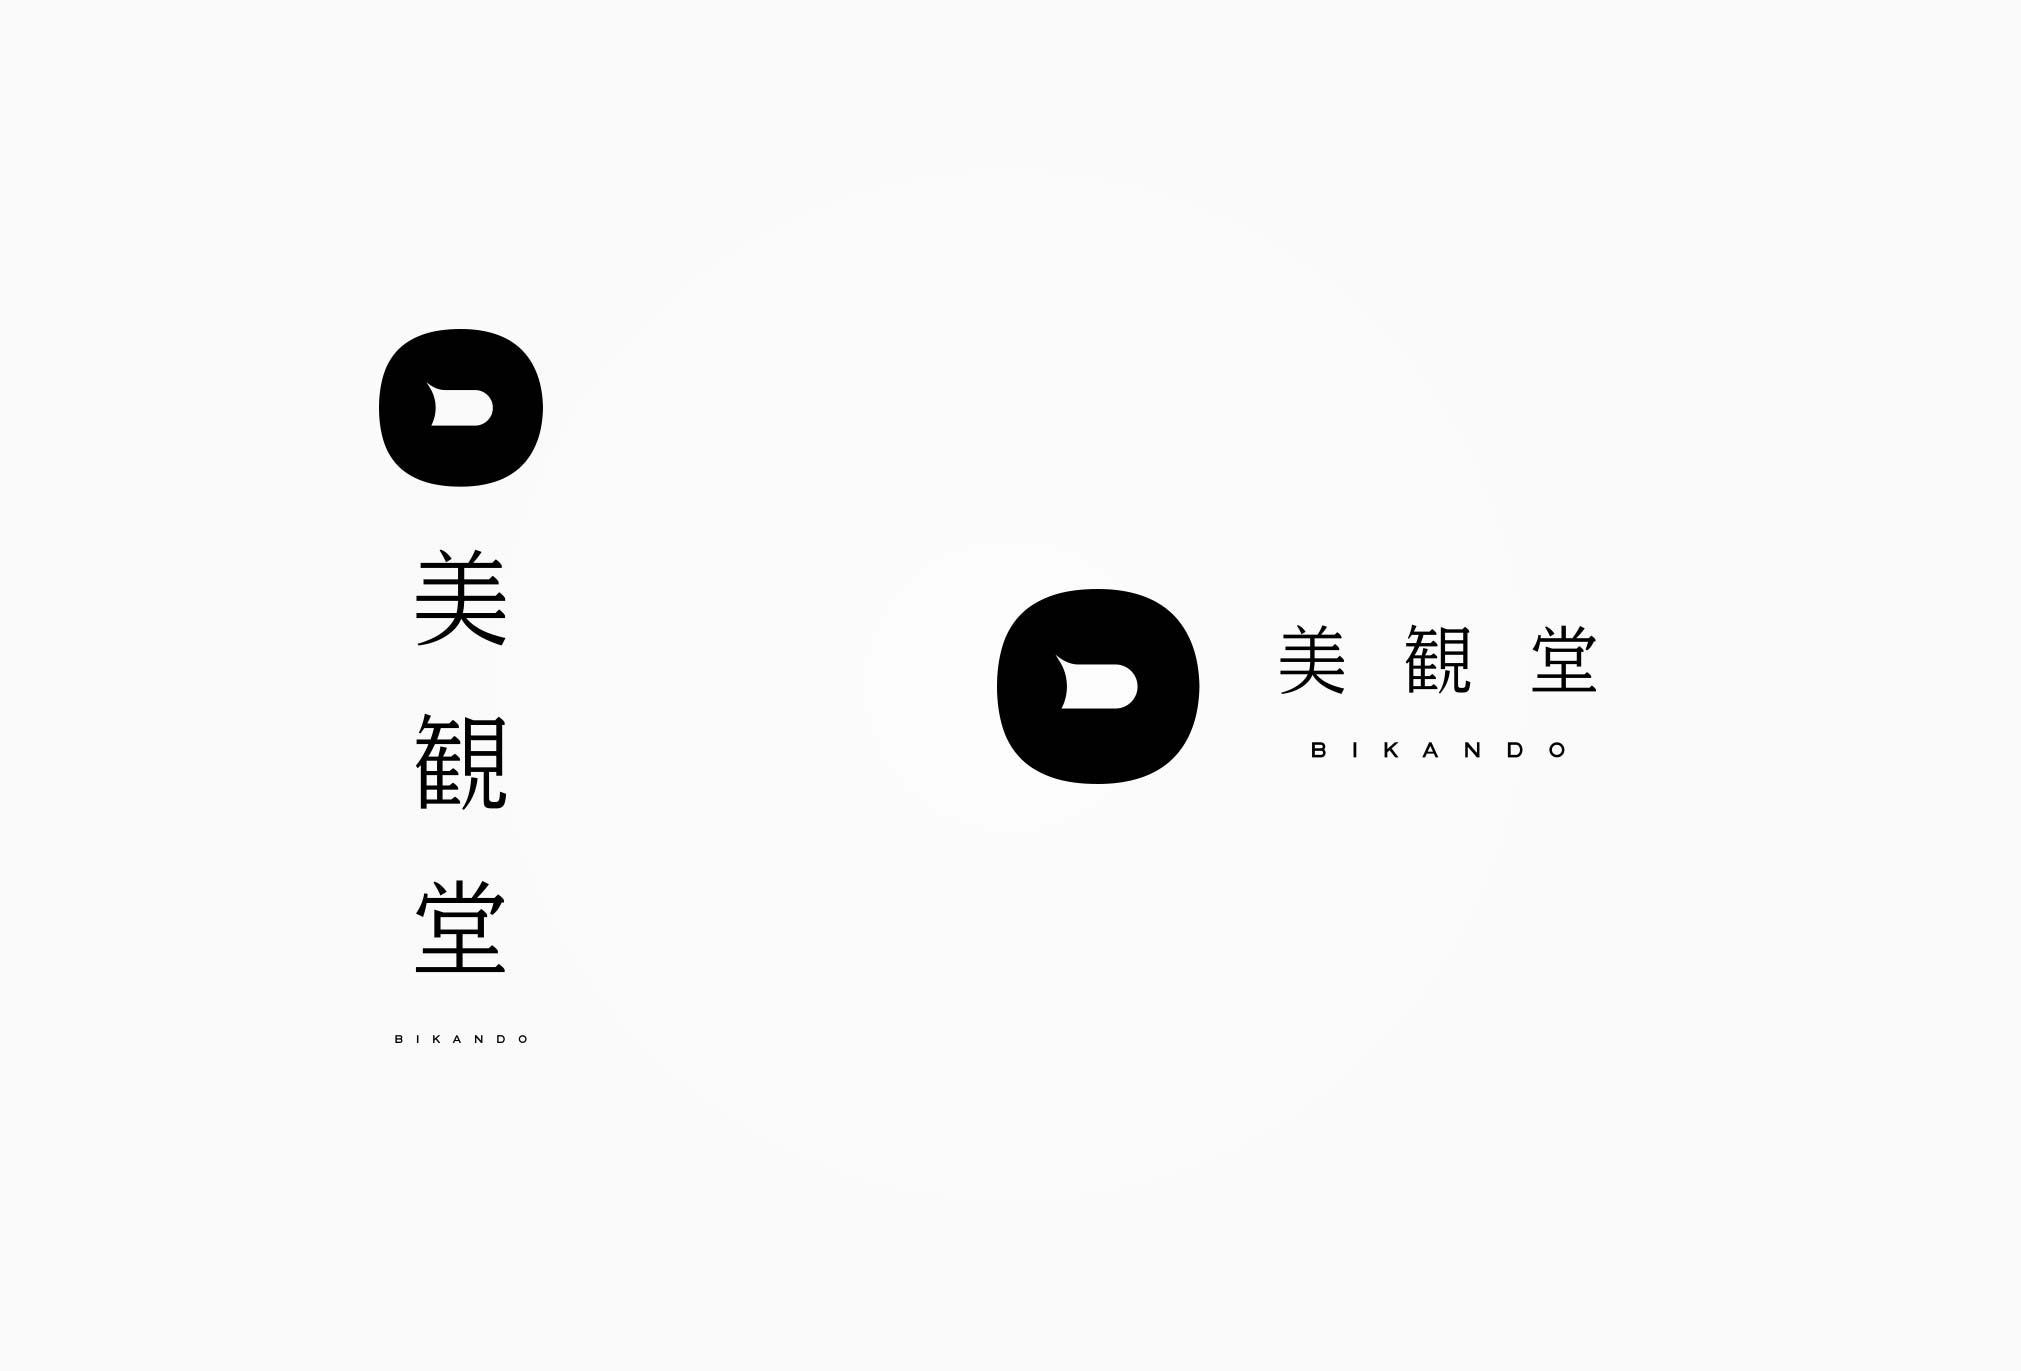 bikando_logo3